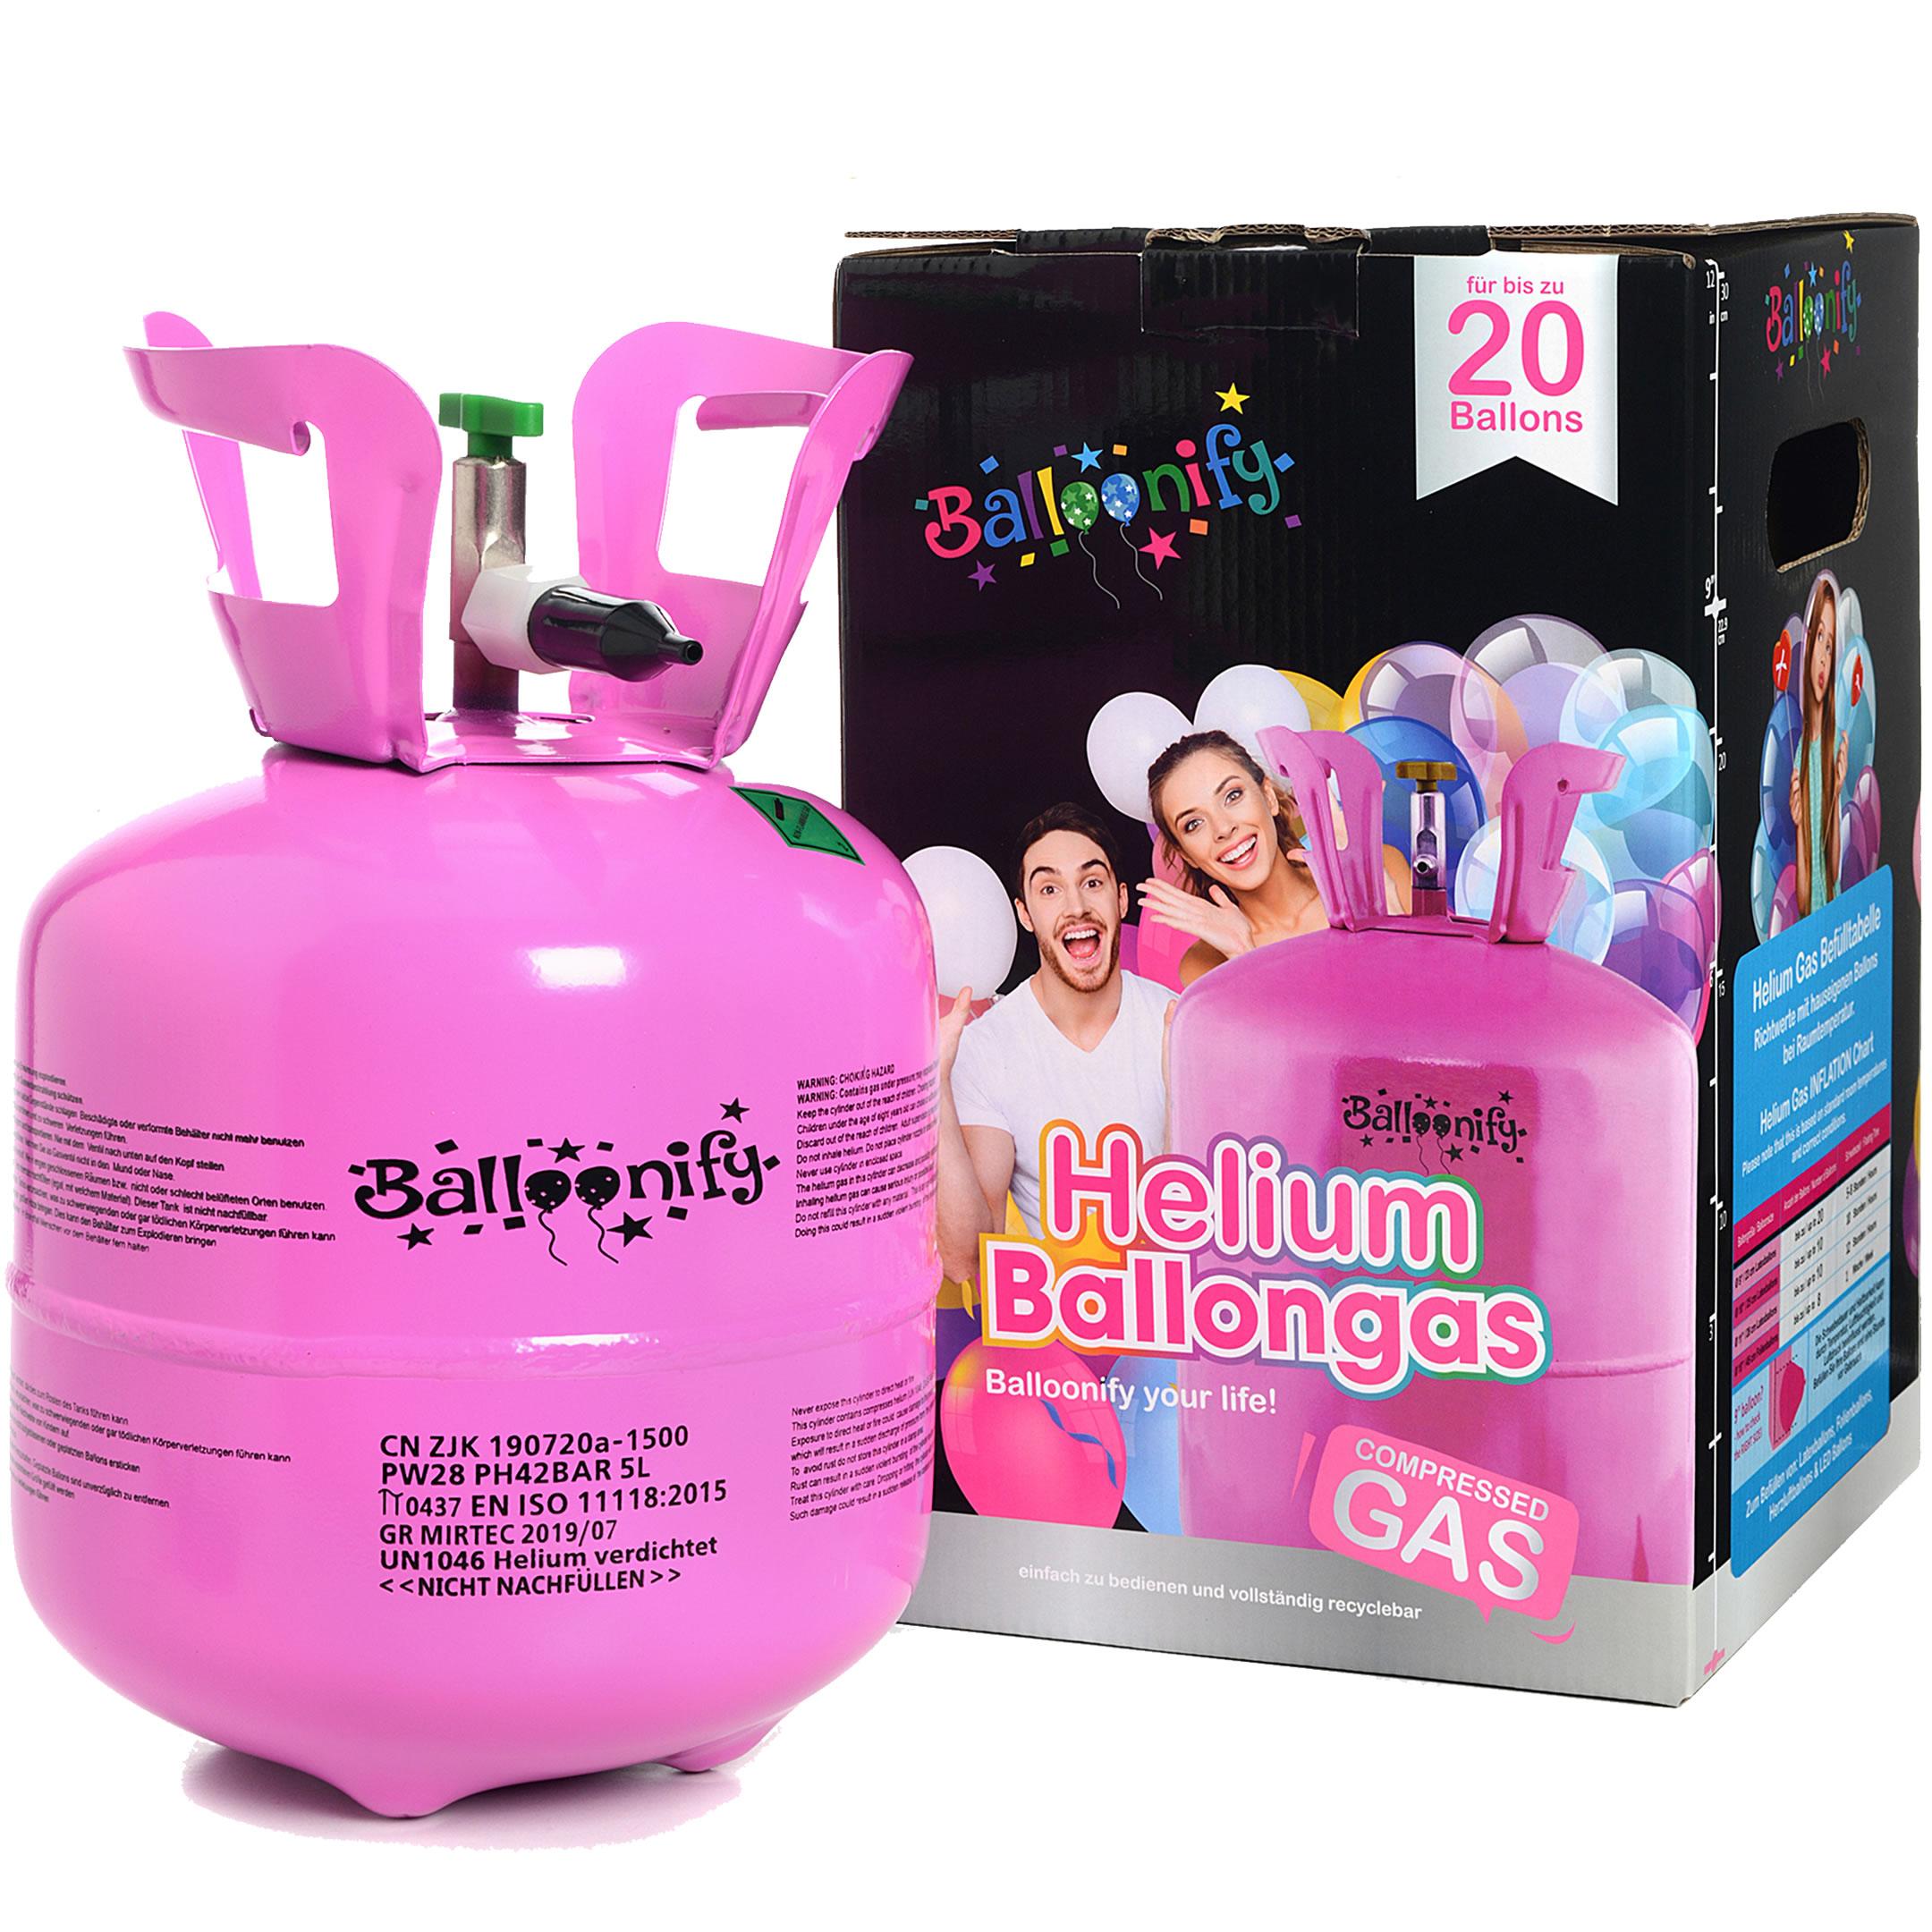 Ballongas-Flasche mit Helium für 20 Ballons